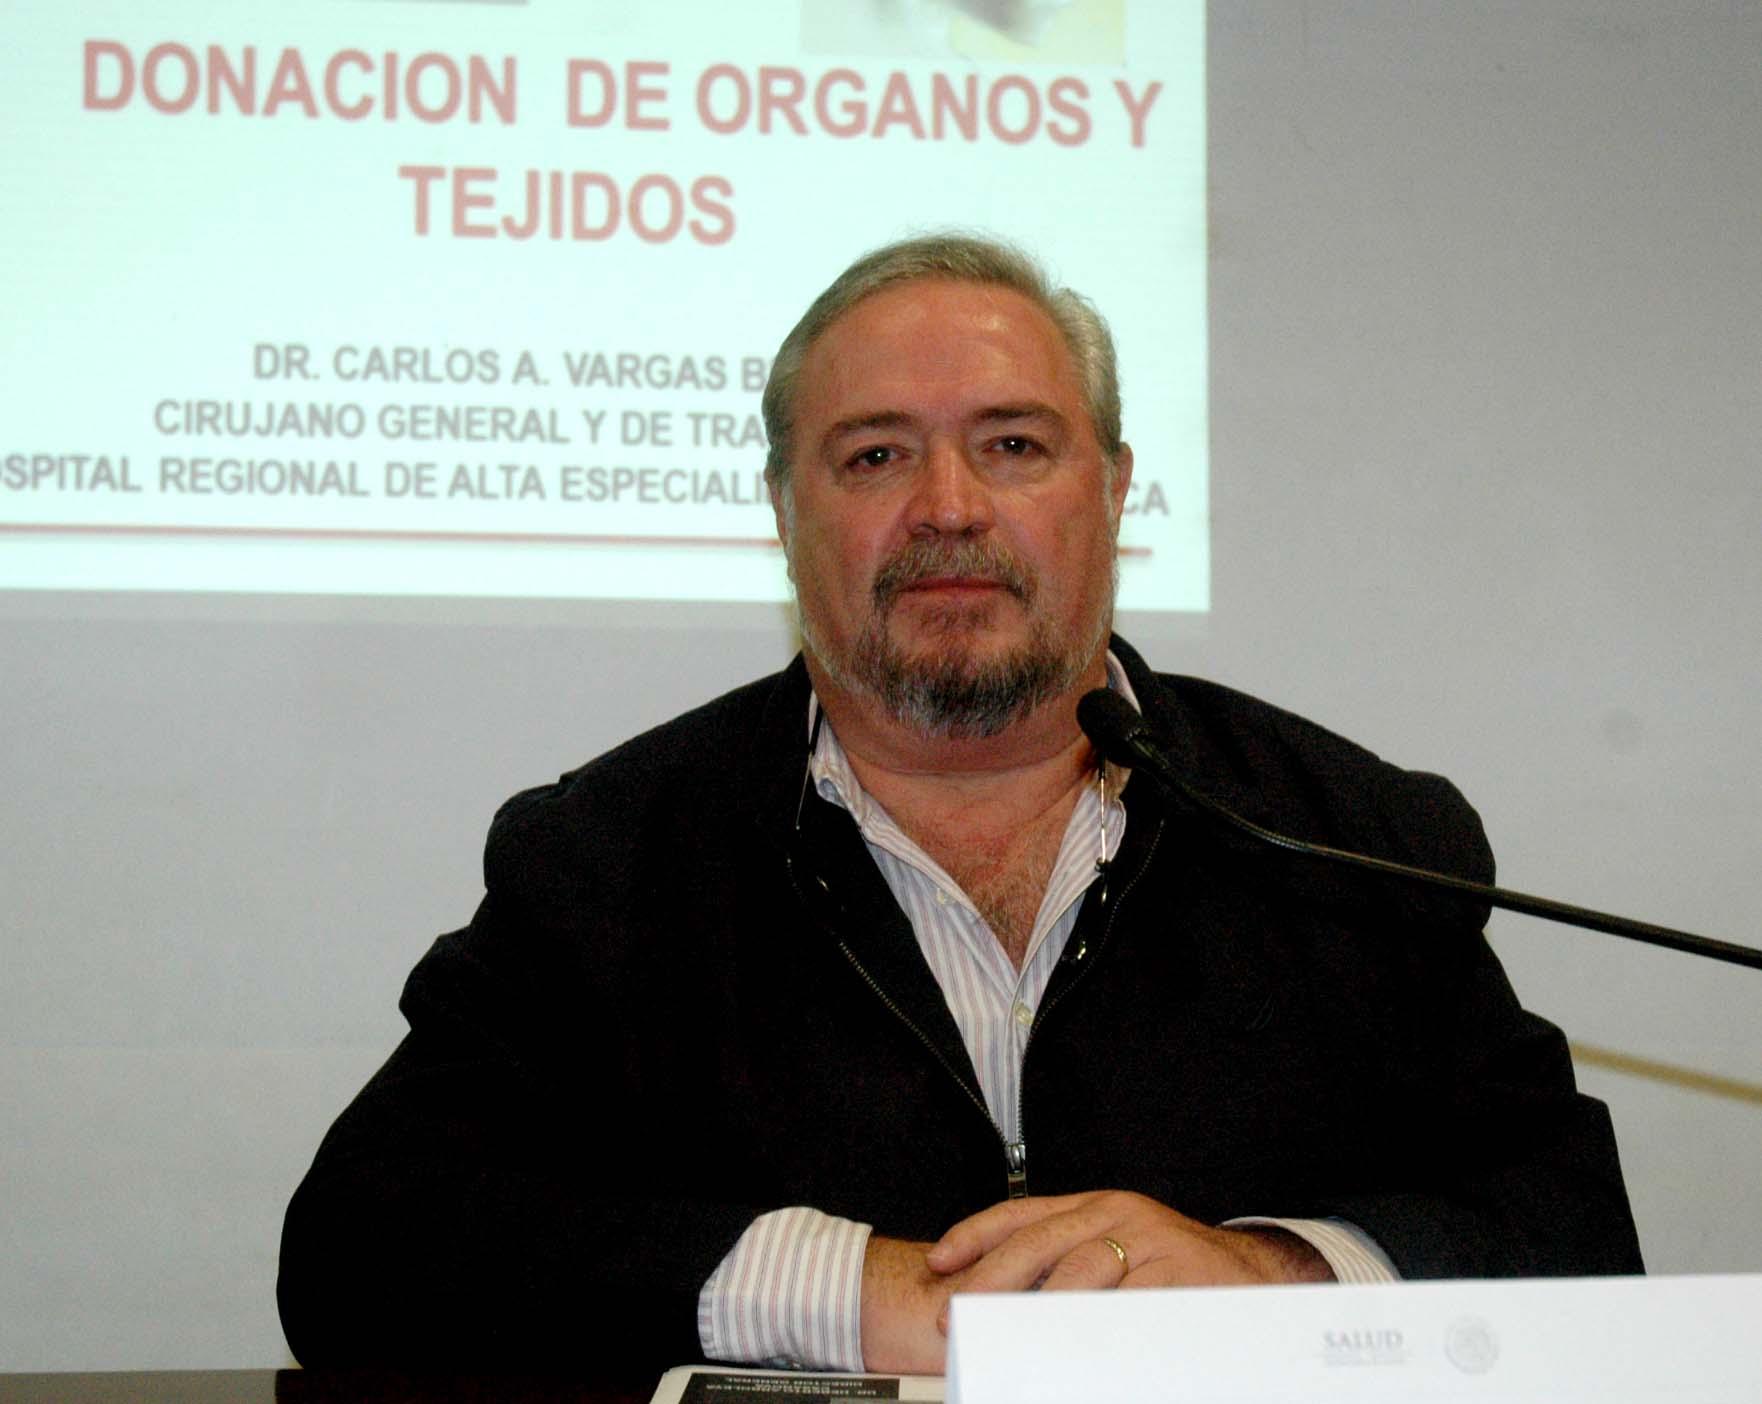 El Hospital Regional de alta especialidad de Ixtapaluca realiza la primera procuración multiorgánica